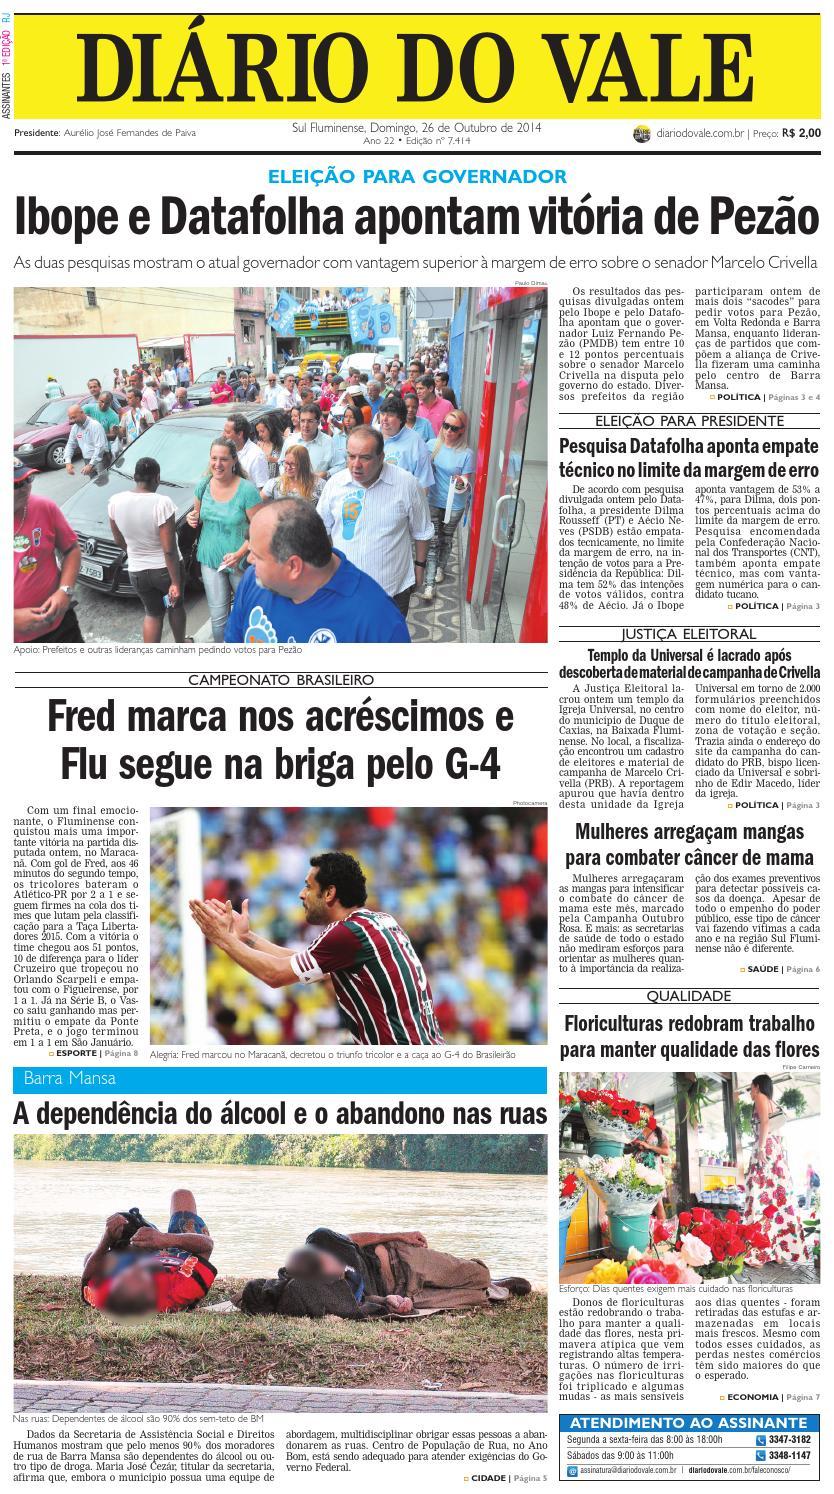 7468 diario domingo 26 10 2014 by Diário do Vale - issuu 0c7649a3084